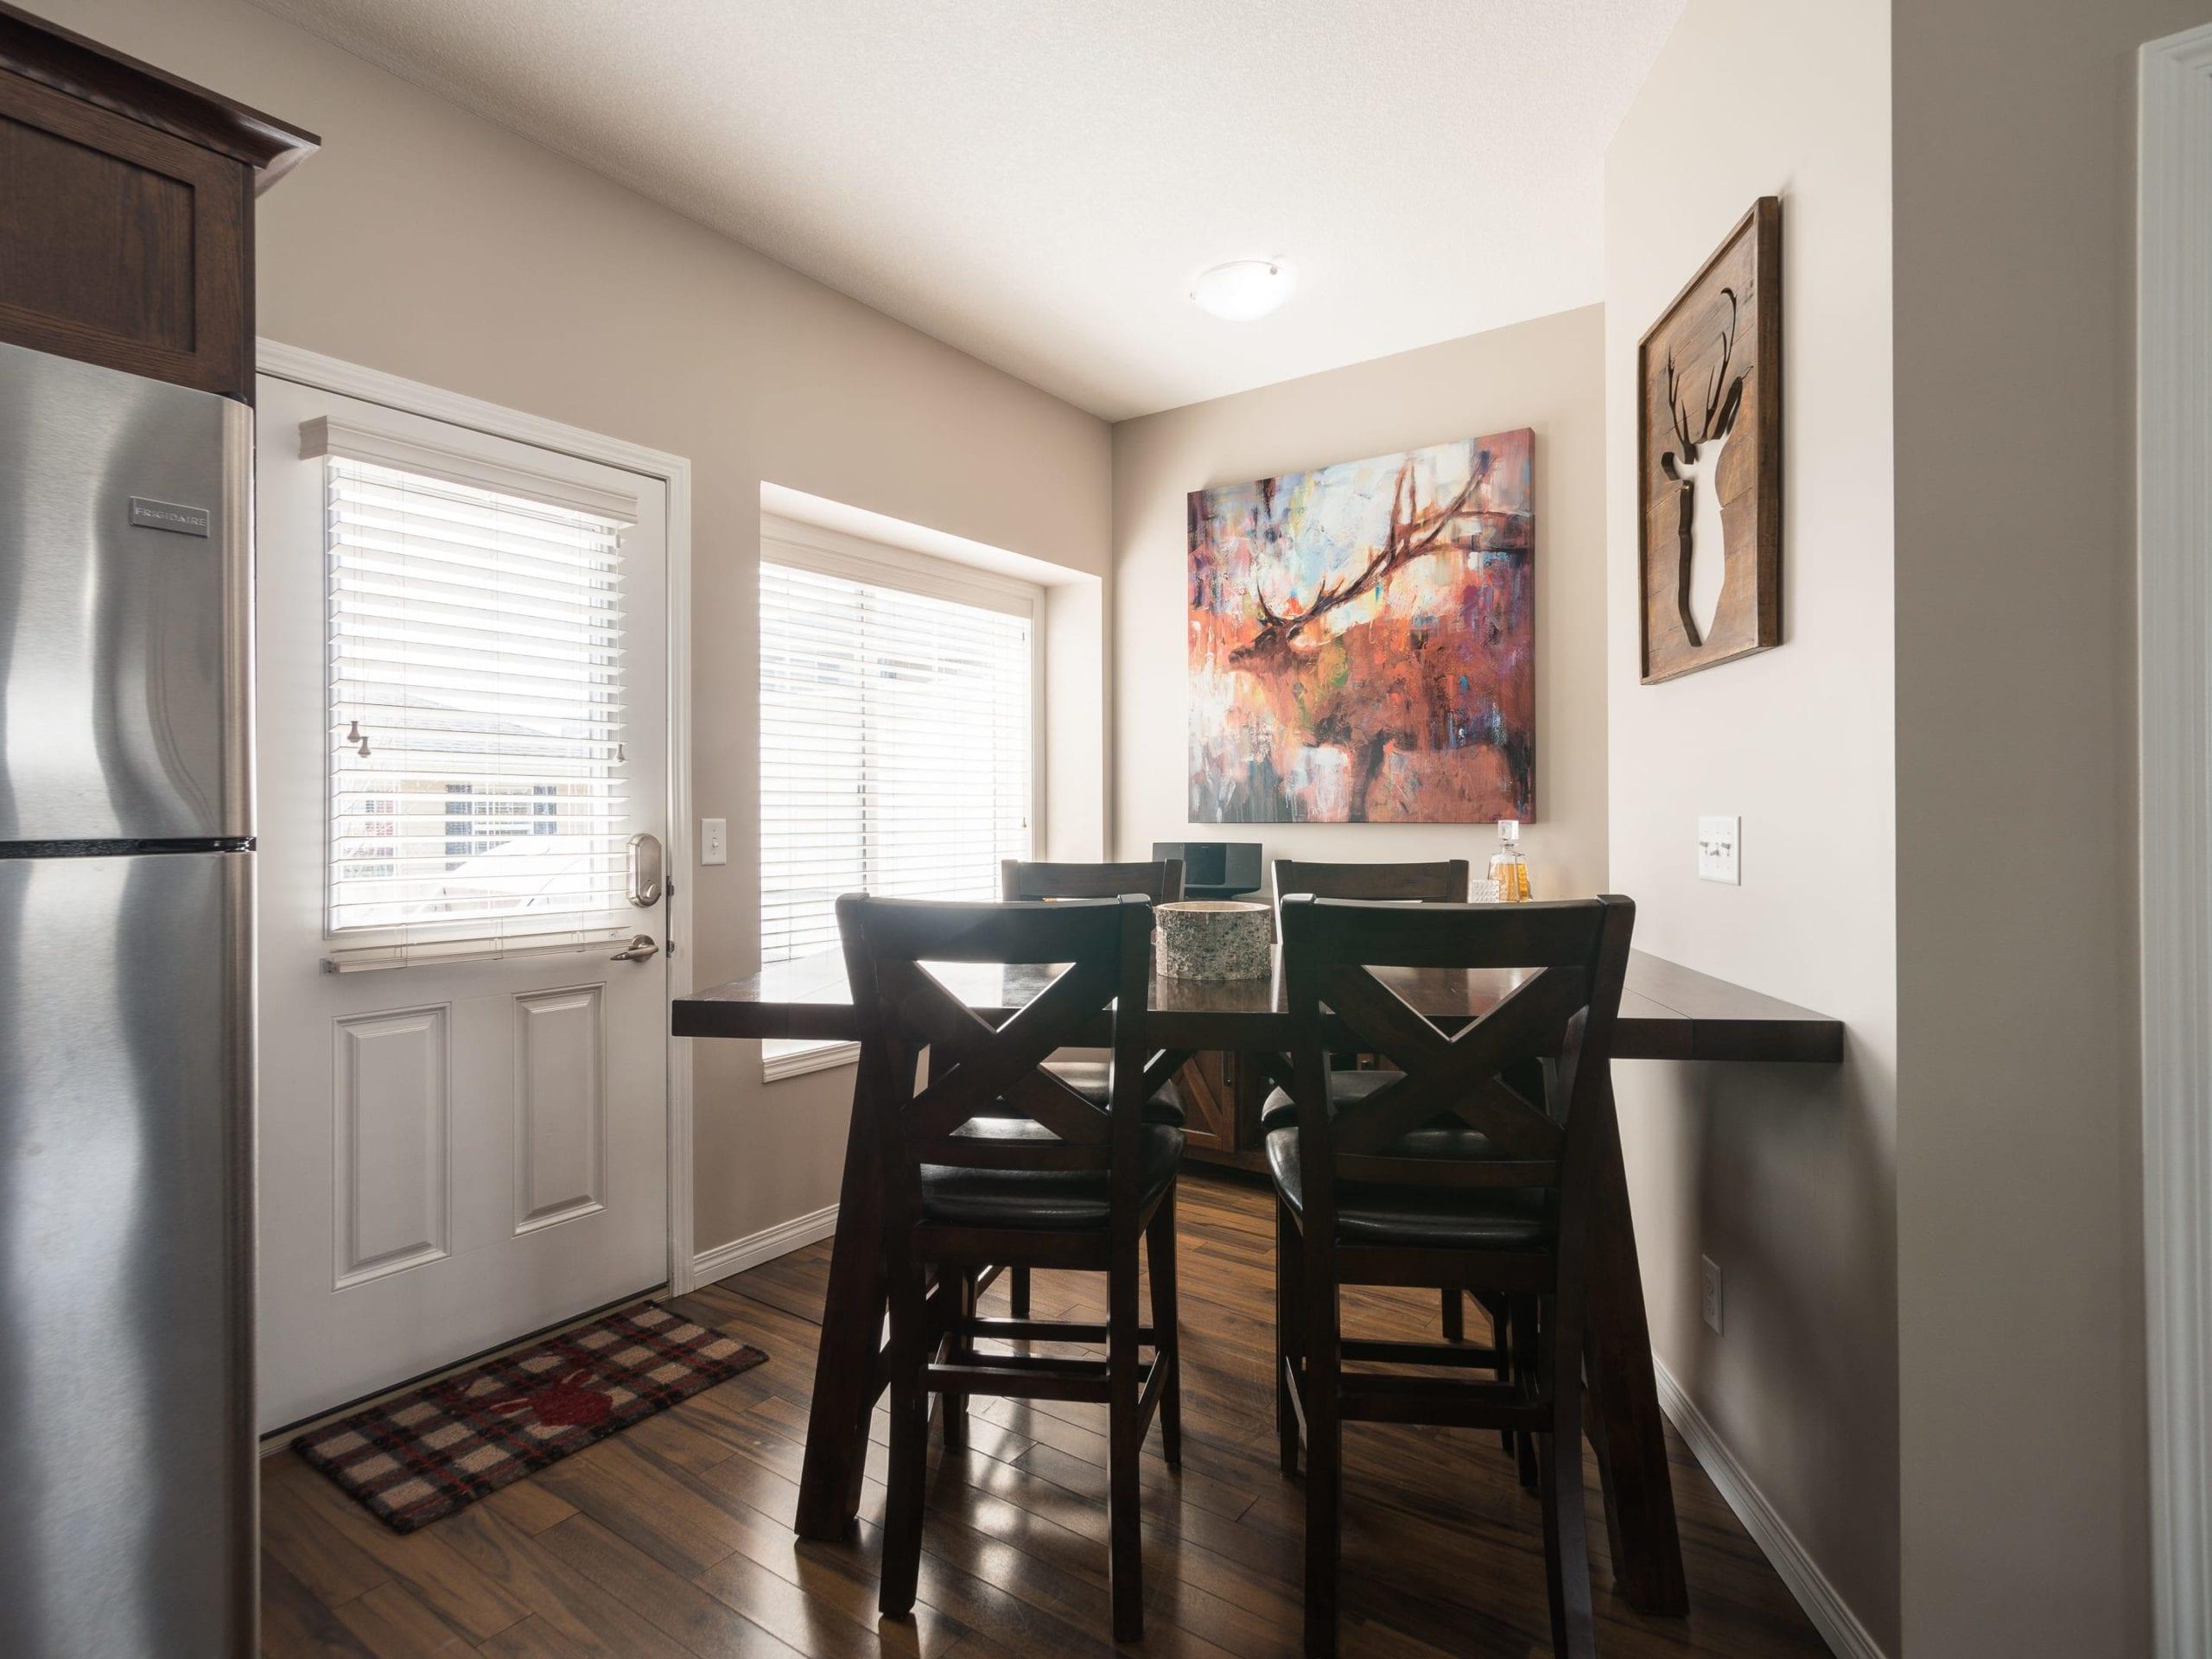 Hello Gorgeous - 1502 1001 8St NW - Tara Molina Real Estate (8 of 28)